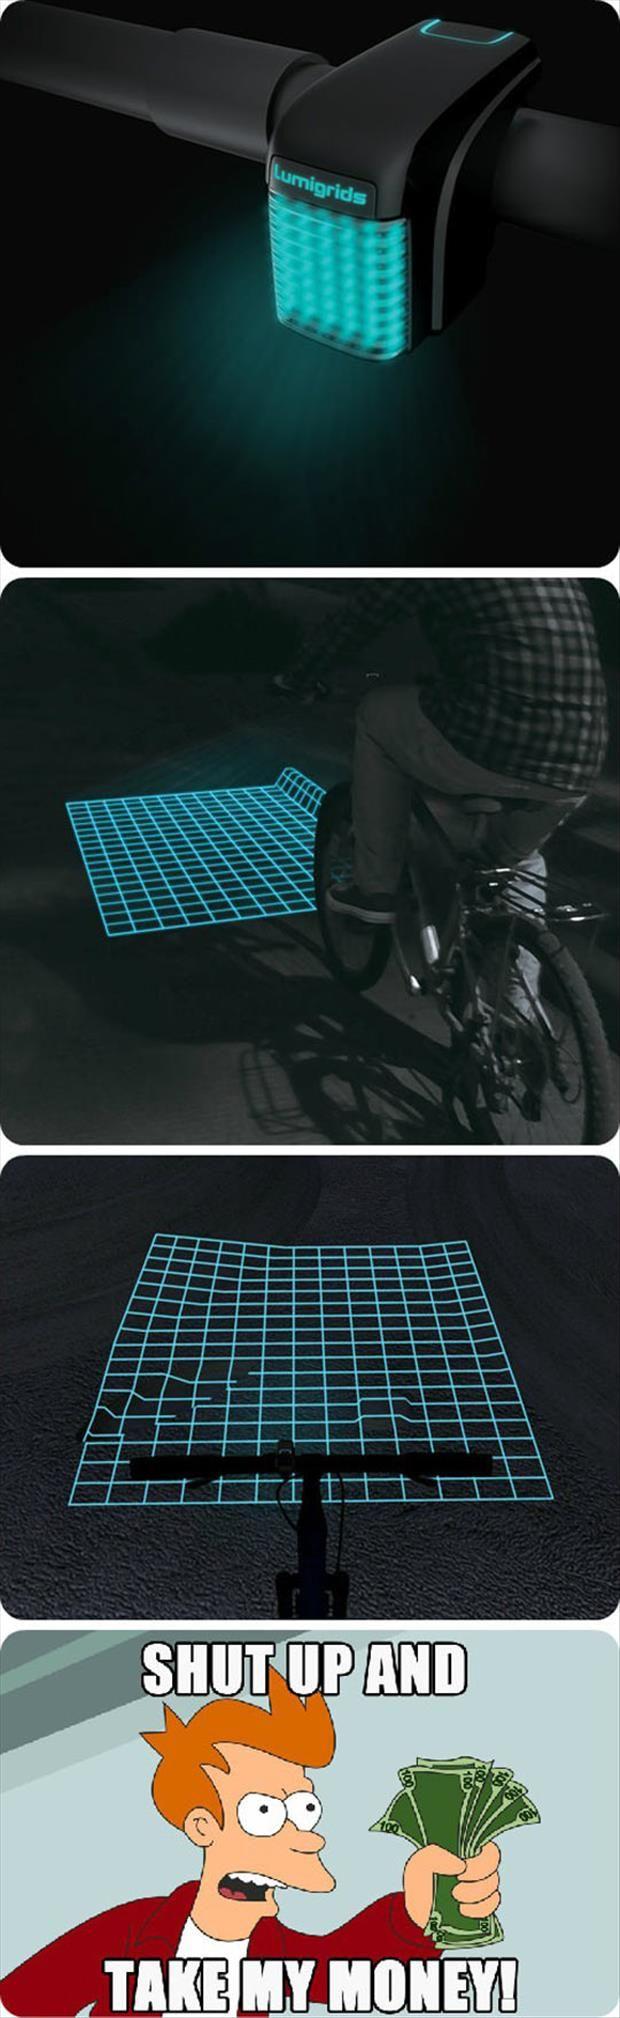 Einfache Ideen die einfach genial sind fürs Fahrrad